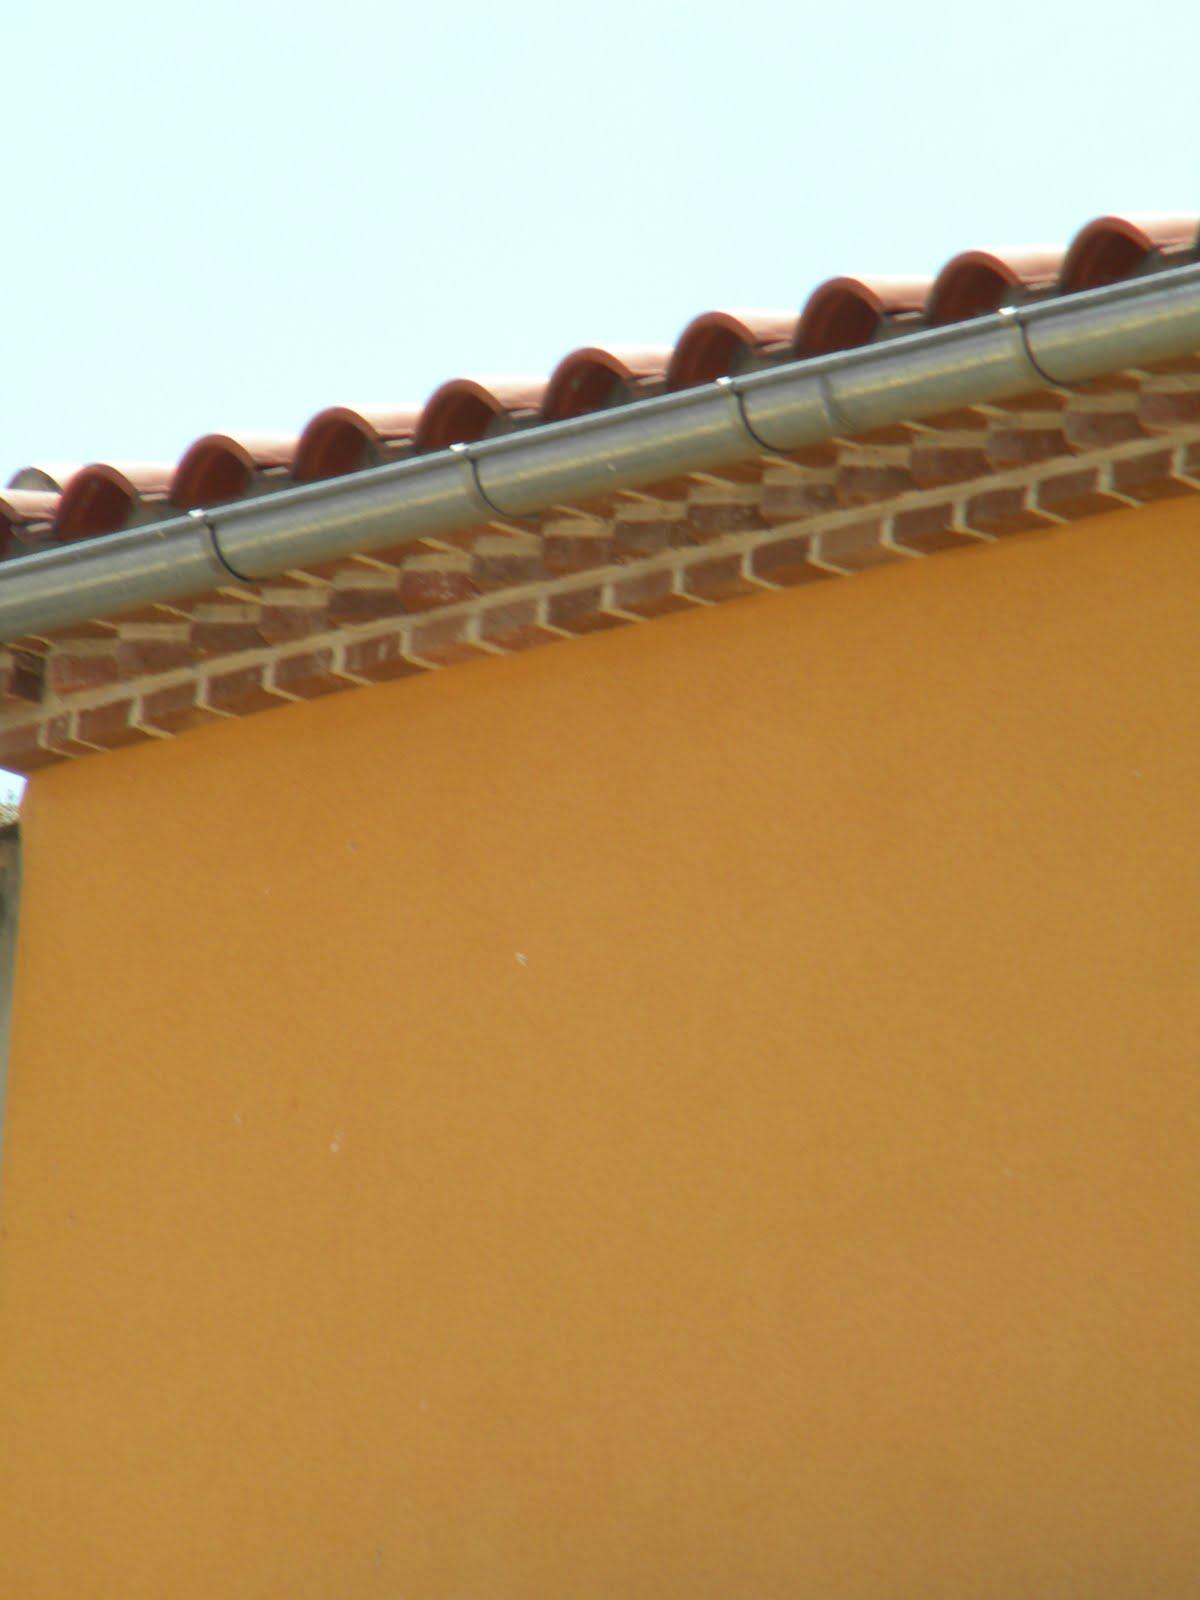 Los canalones reparar y limpiar canalones madrid foto de - Montaje de canalones ...